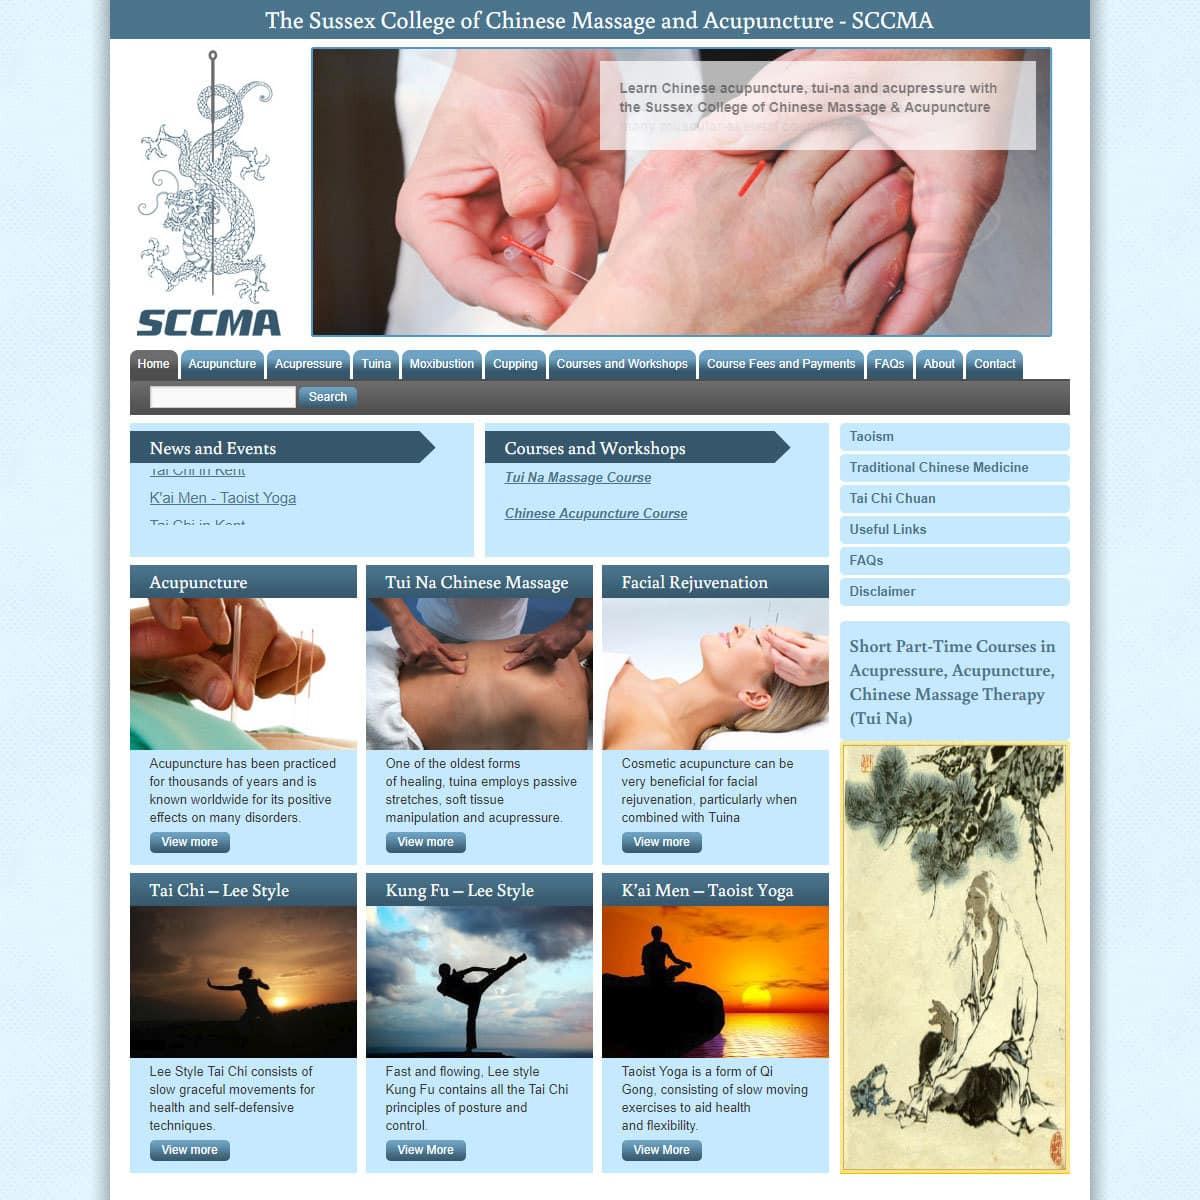 acupuncture-tuina-courses